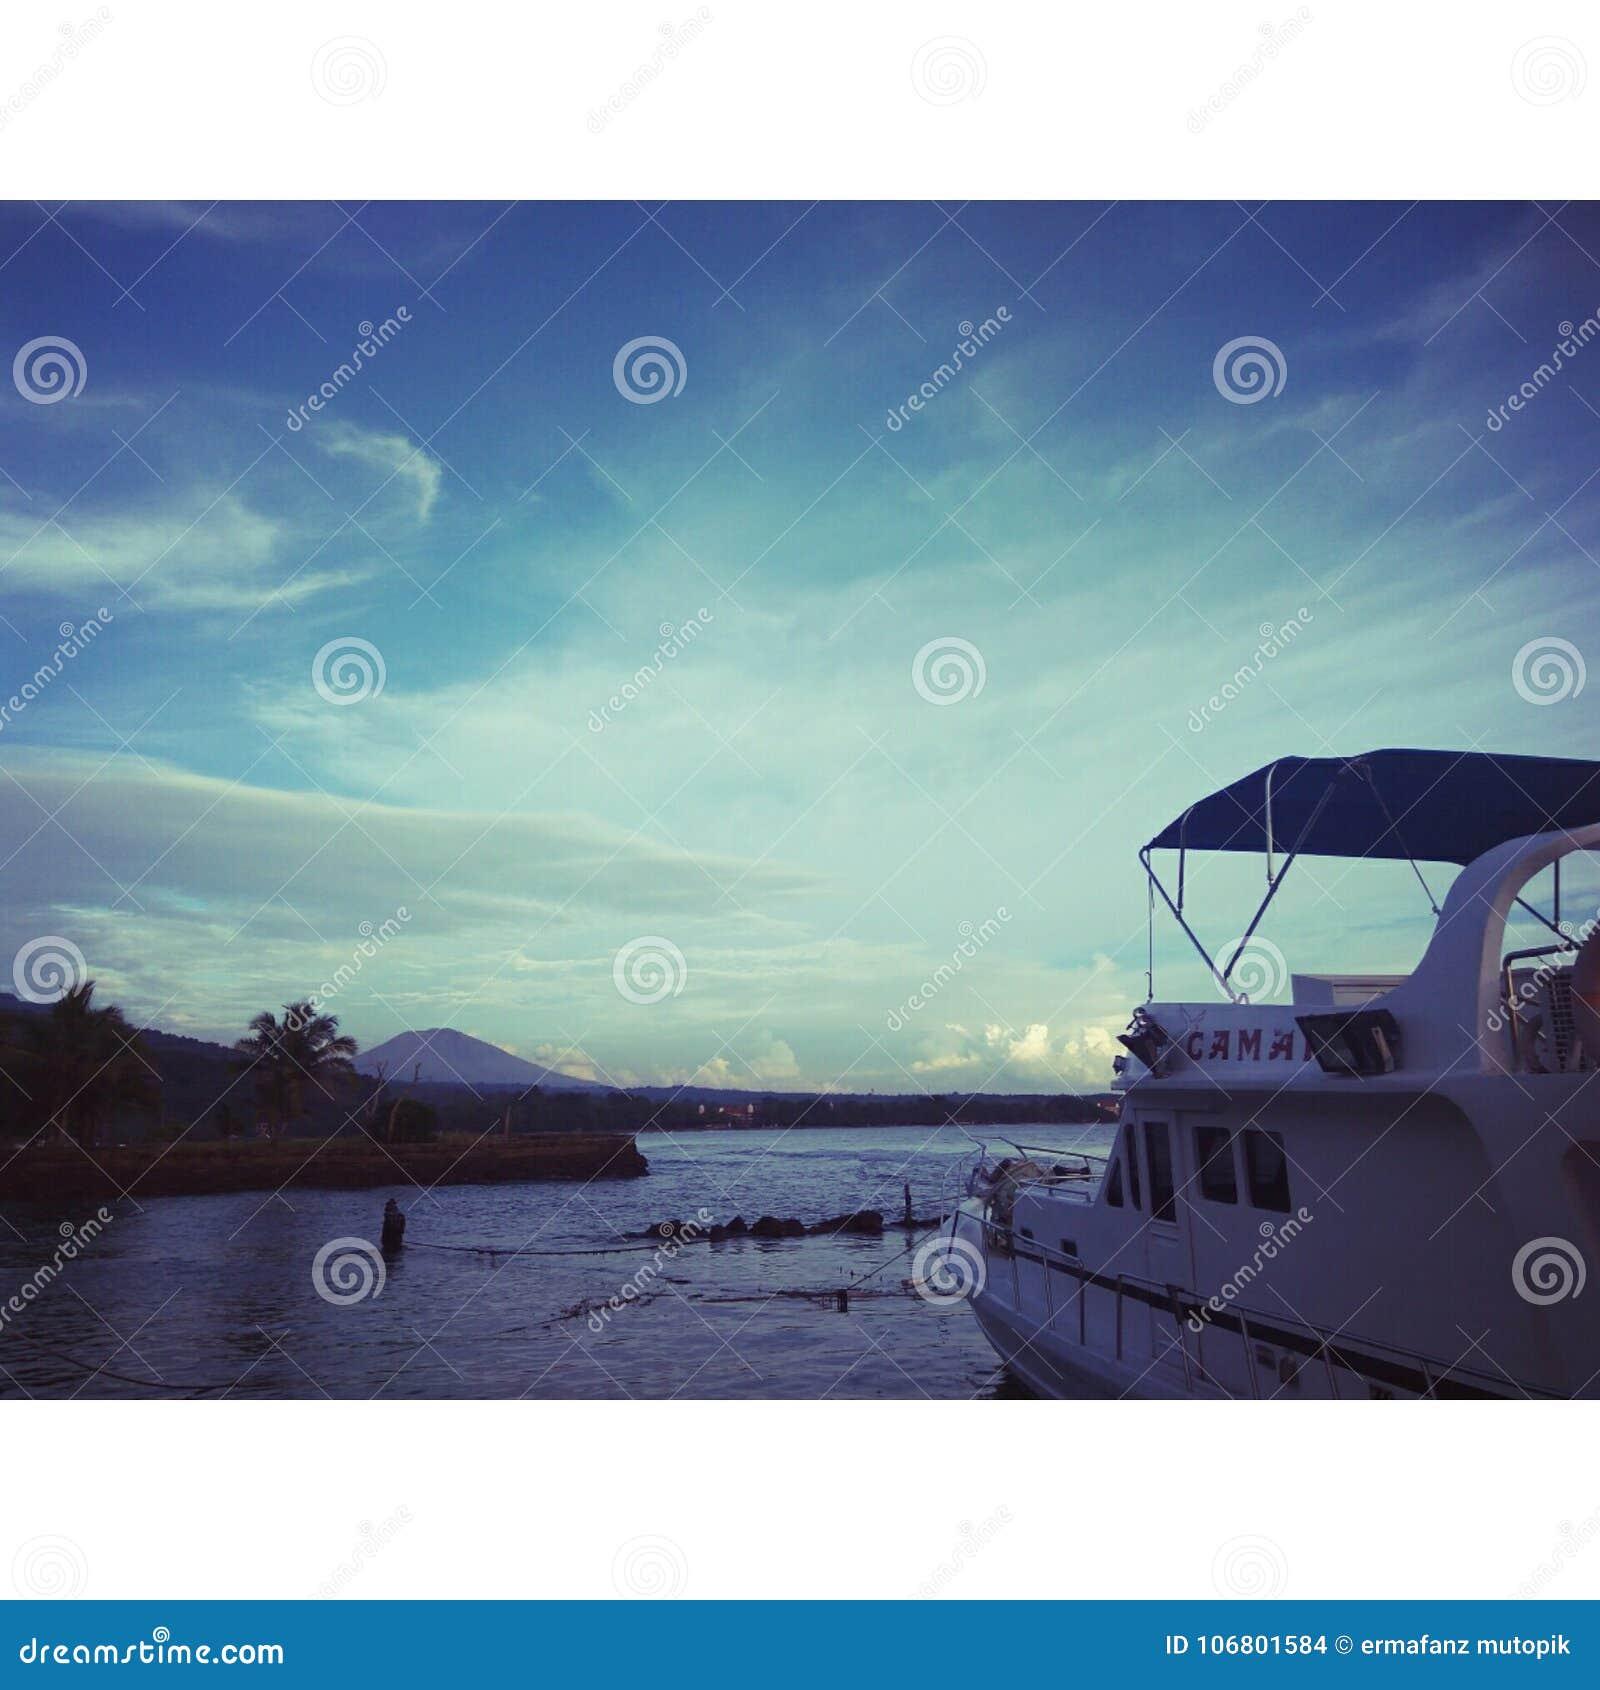 Download Schiff und Himmel stockfoto. Bild von himmel, lieferung - 106801584